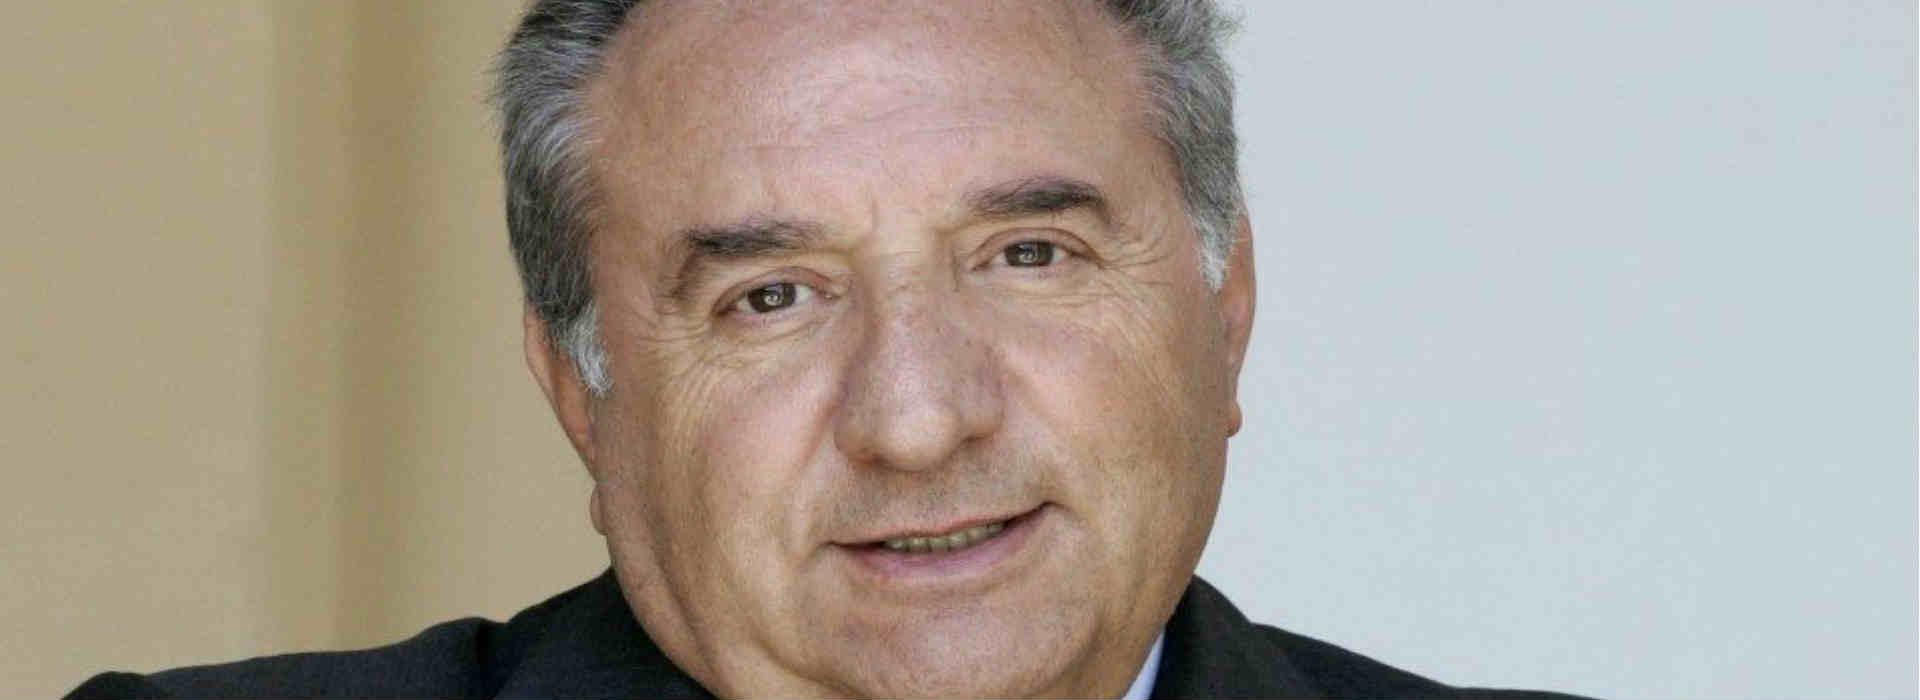 Carlo Toto, il finanziatore di Open